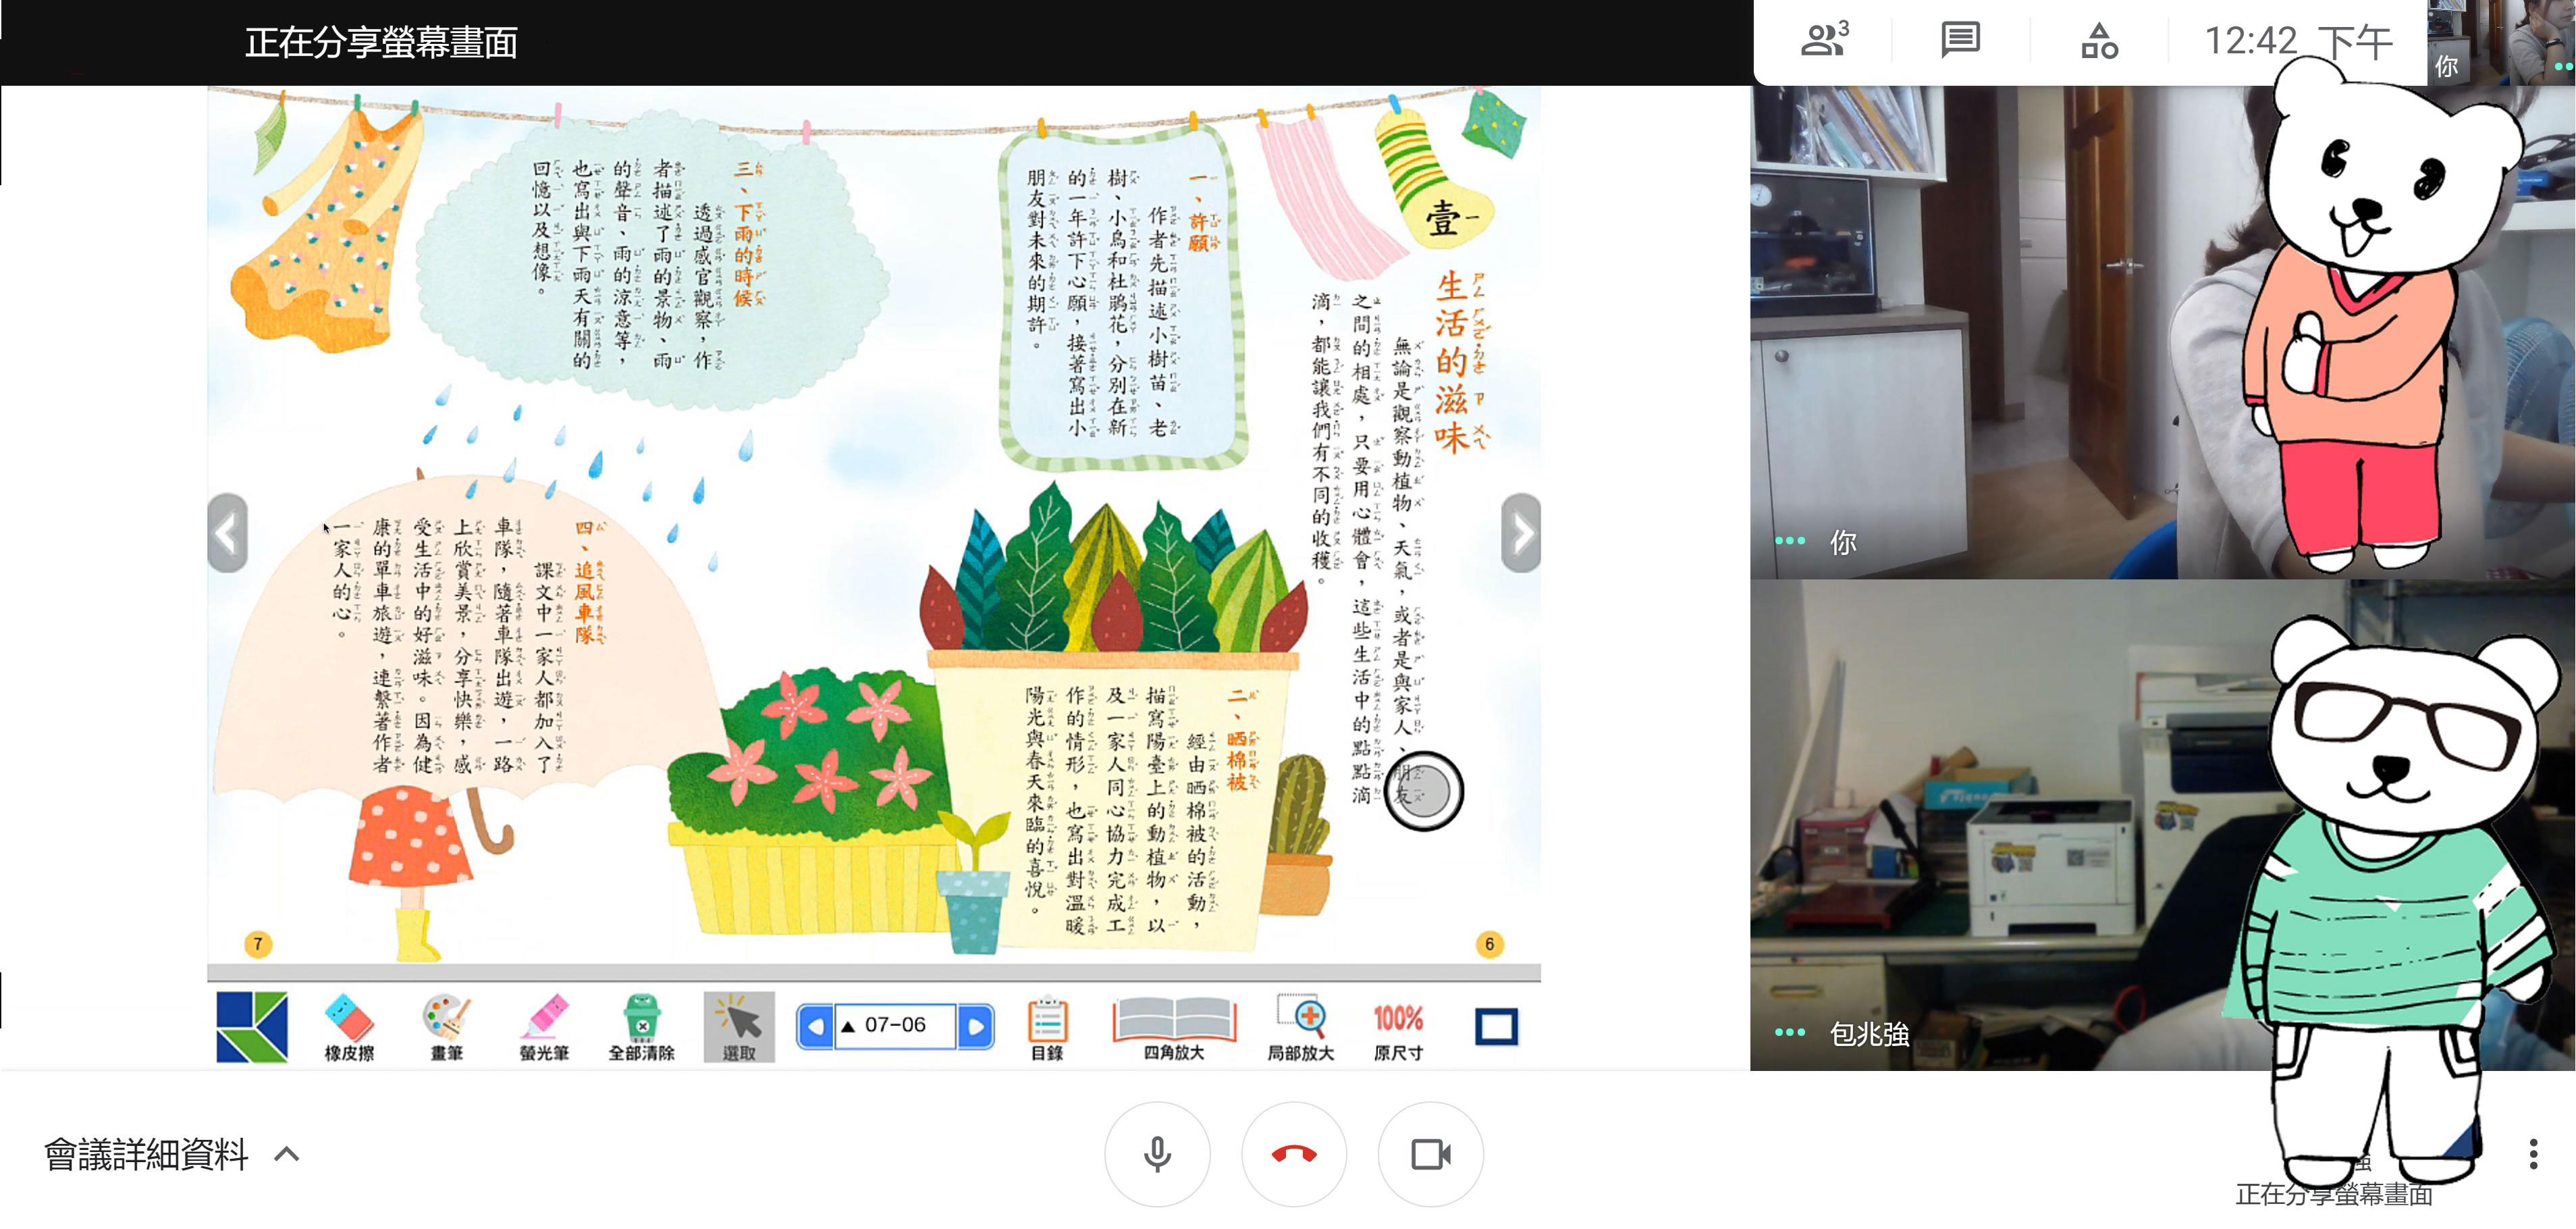 線上教學實際畫面